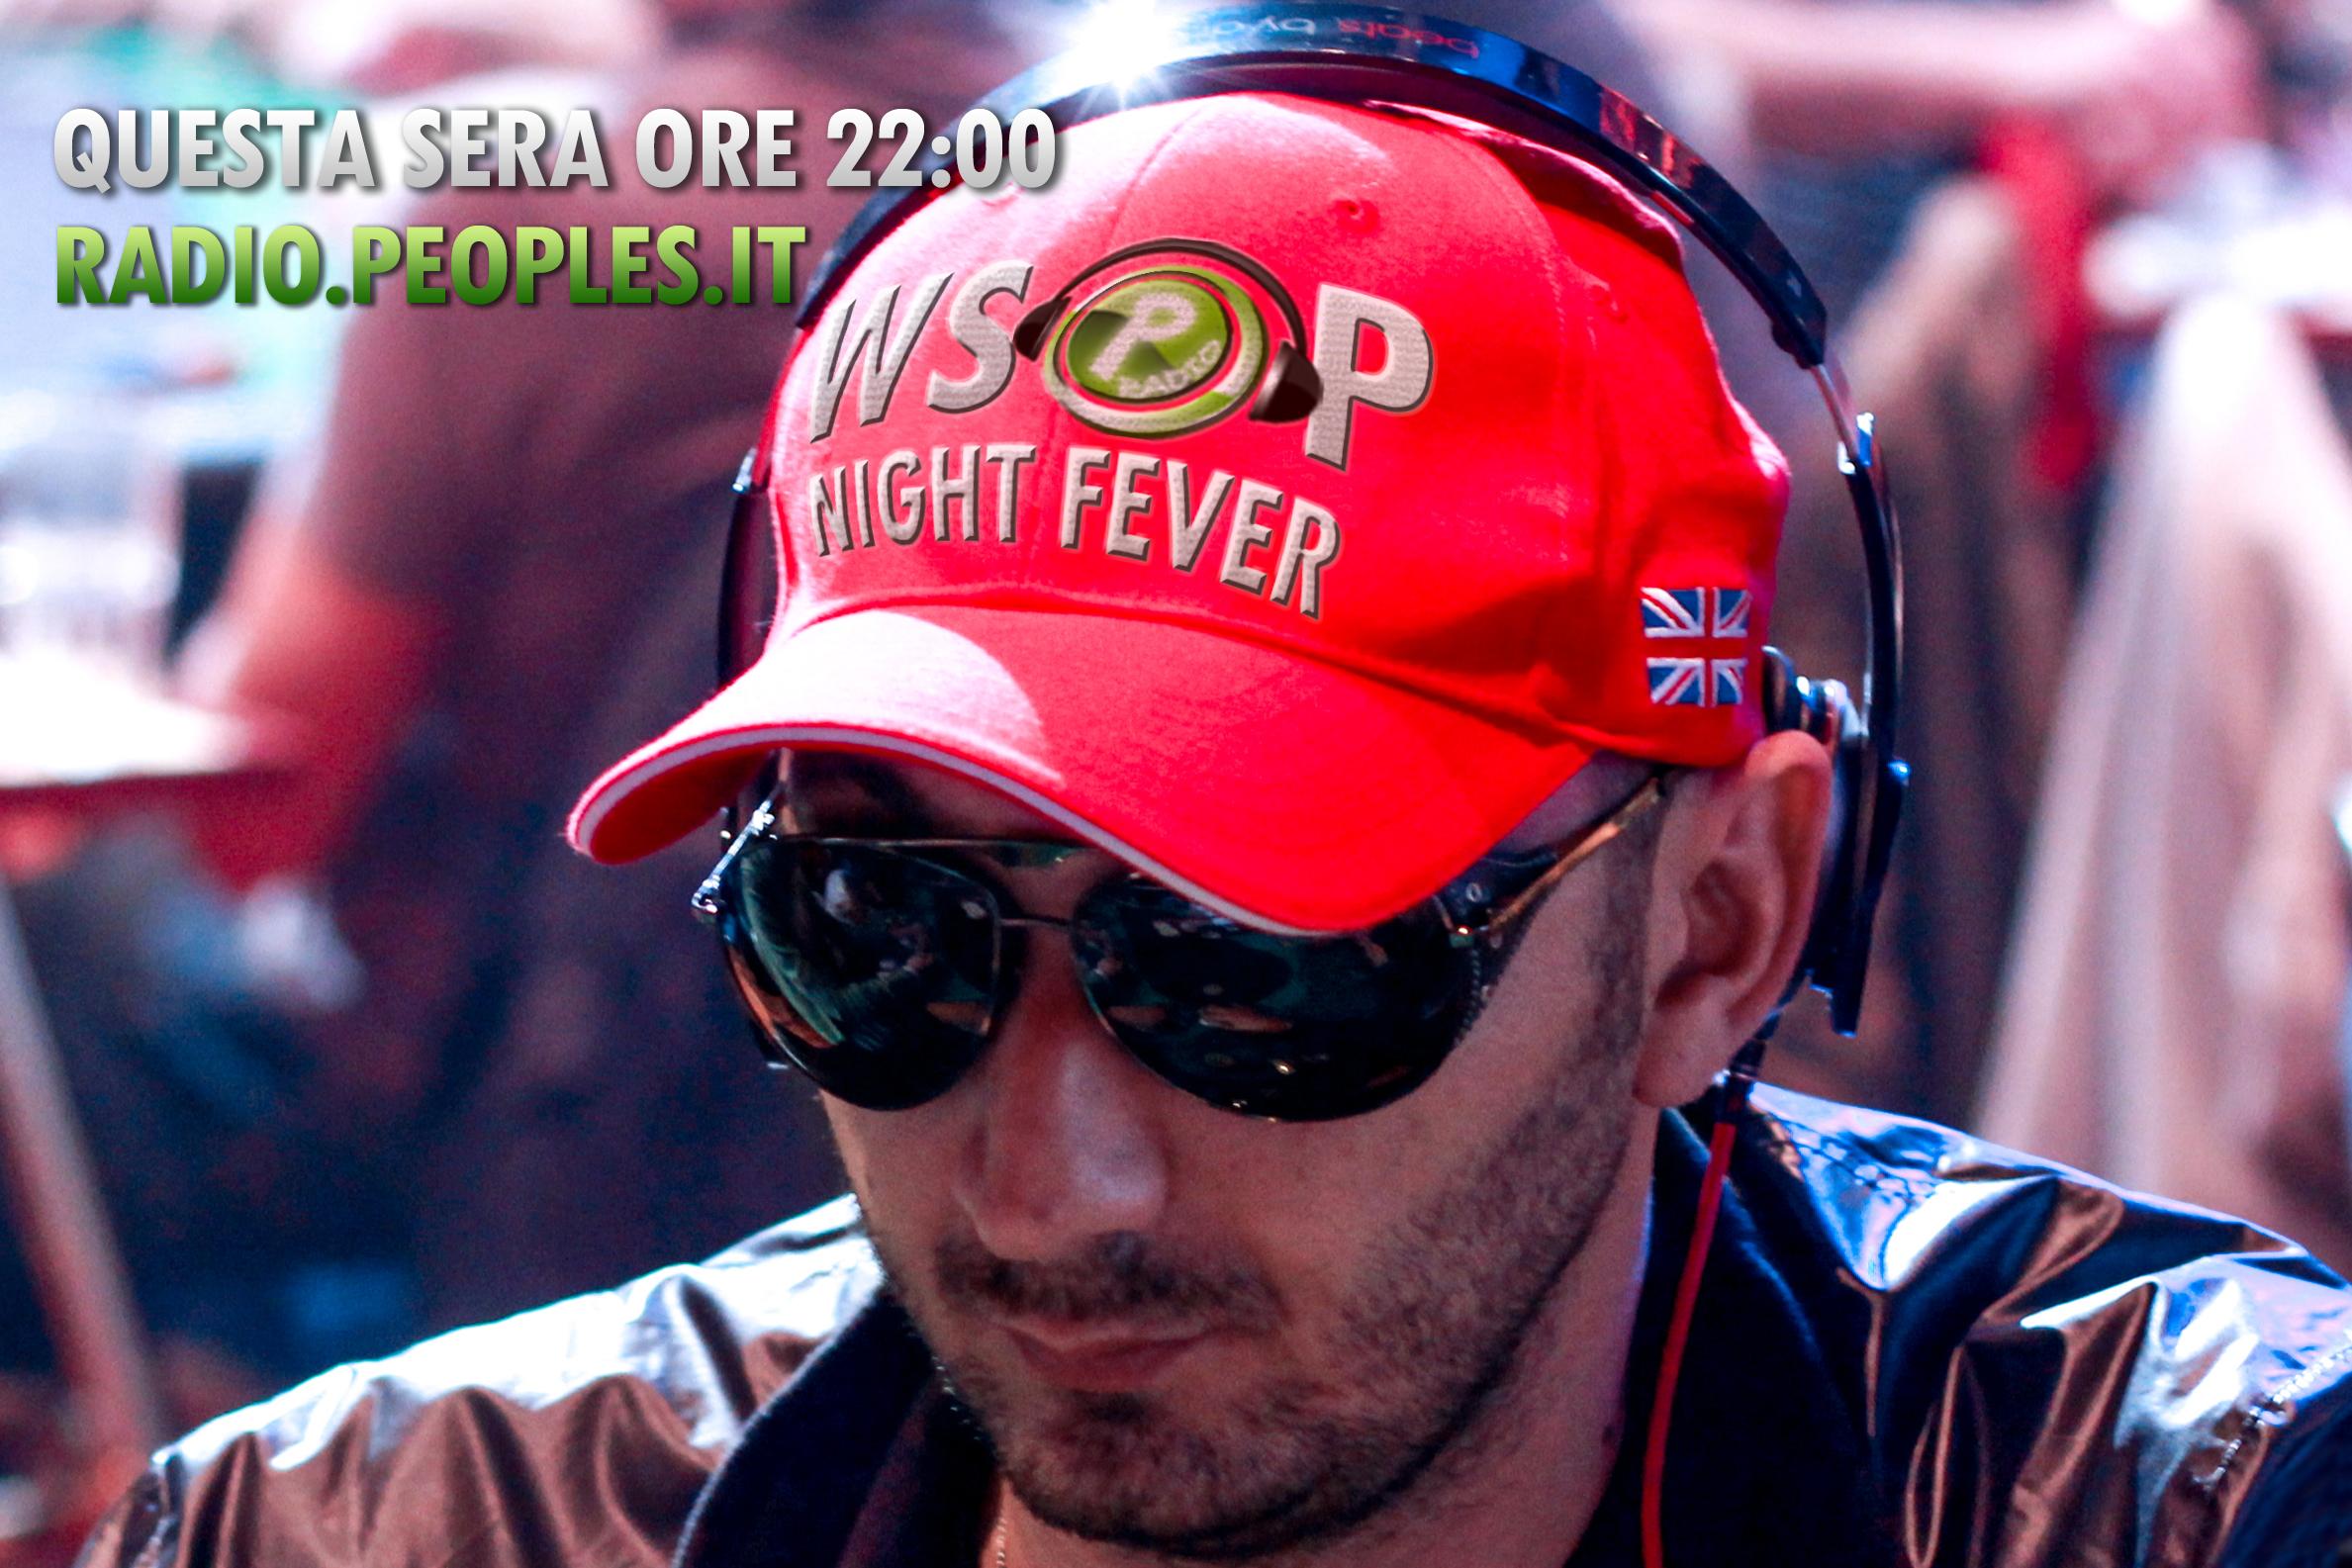 WSOP Night Fever – Ultima puntata con il saluto dei Campioni… ora l'appuntamento è a Las Vegas!